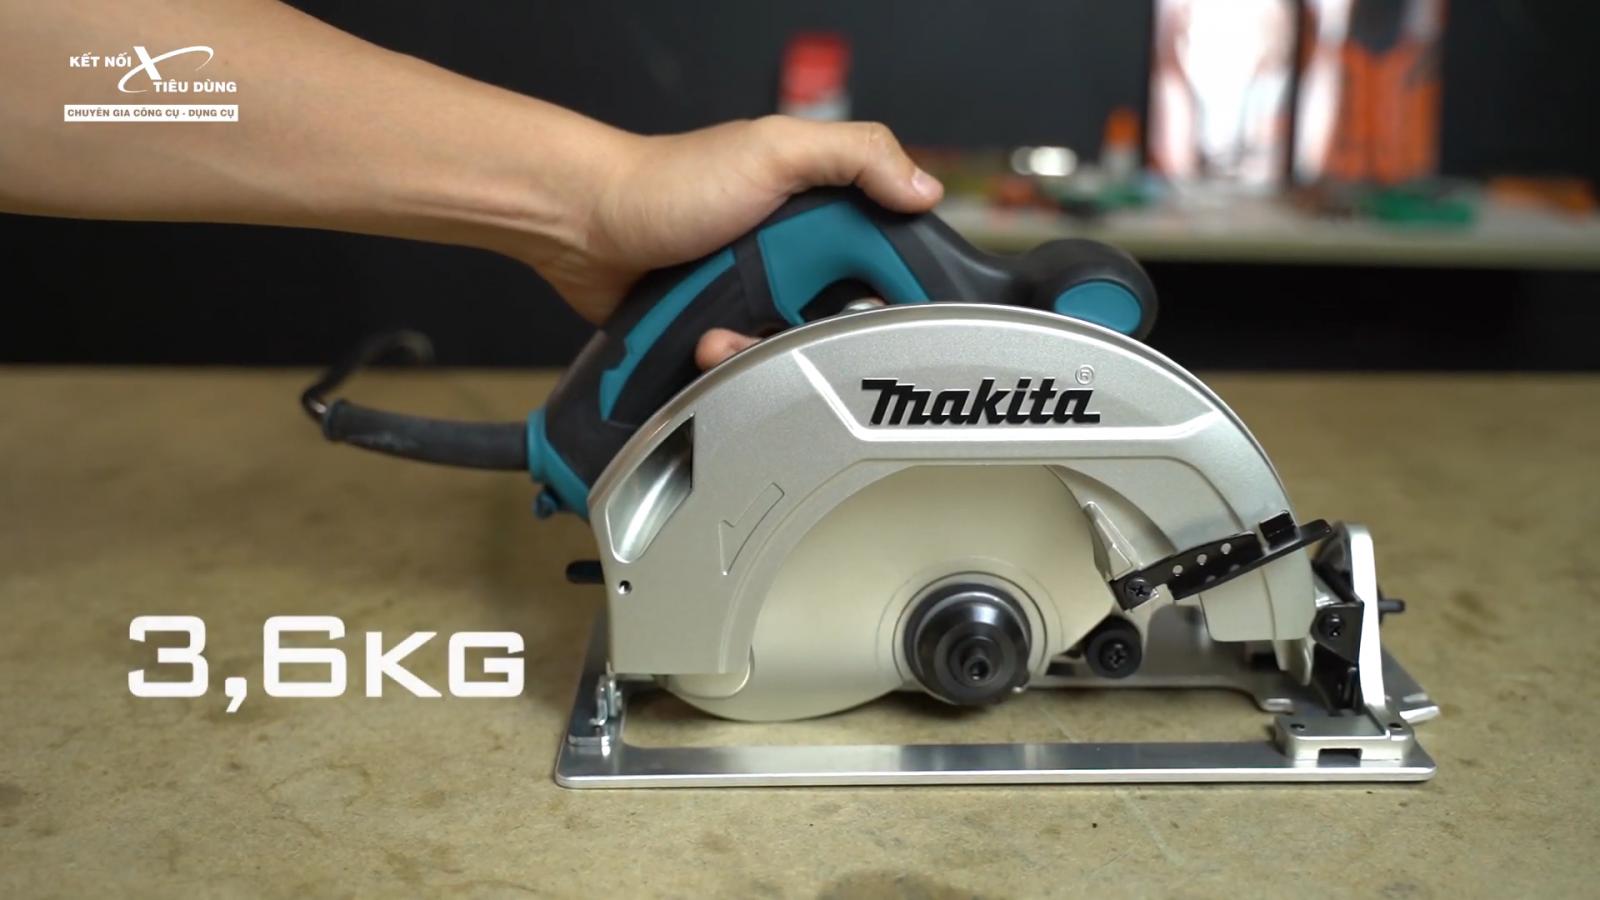 Review máy cưa đĩa cao cấp Makita HS7600: siêu nhỏ gọn, cắt gỗ mịn, chạy cực êm